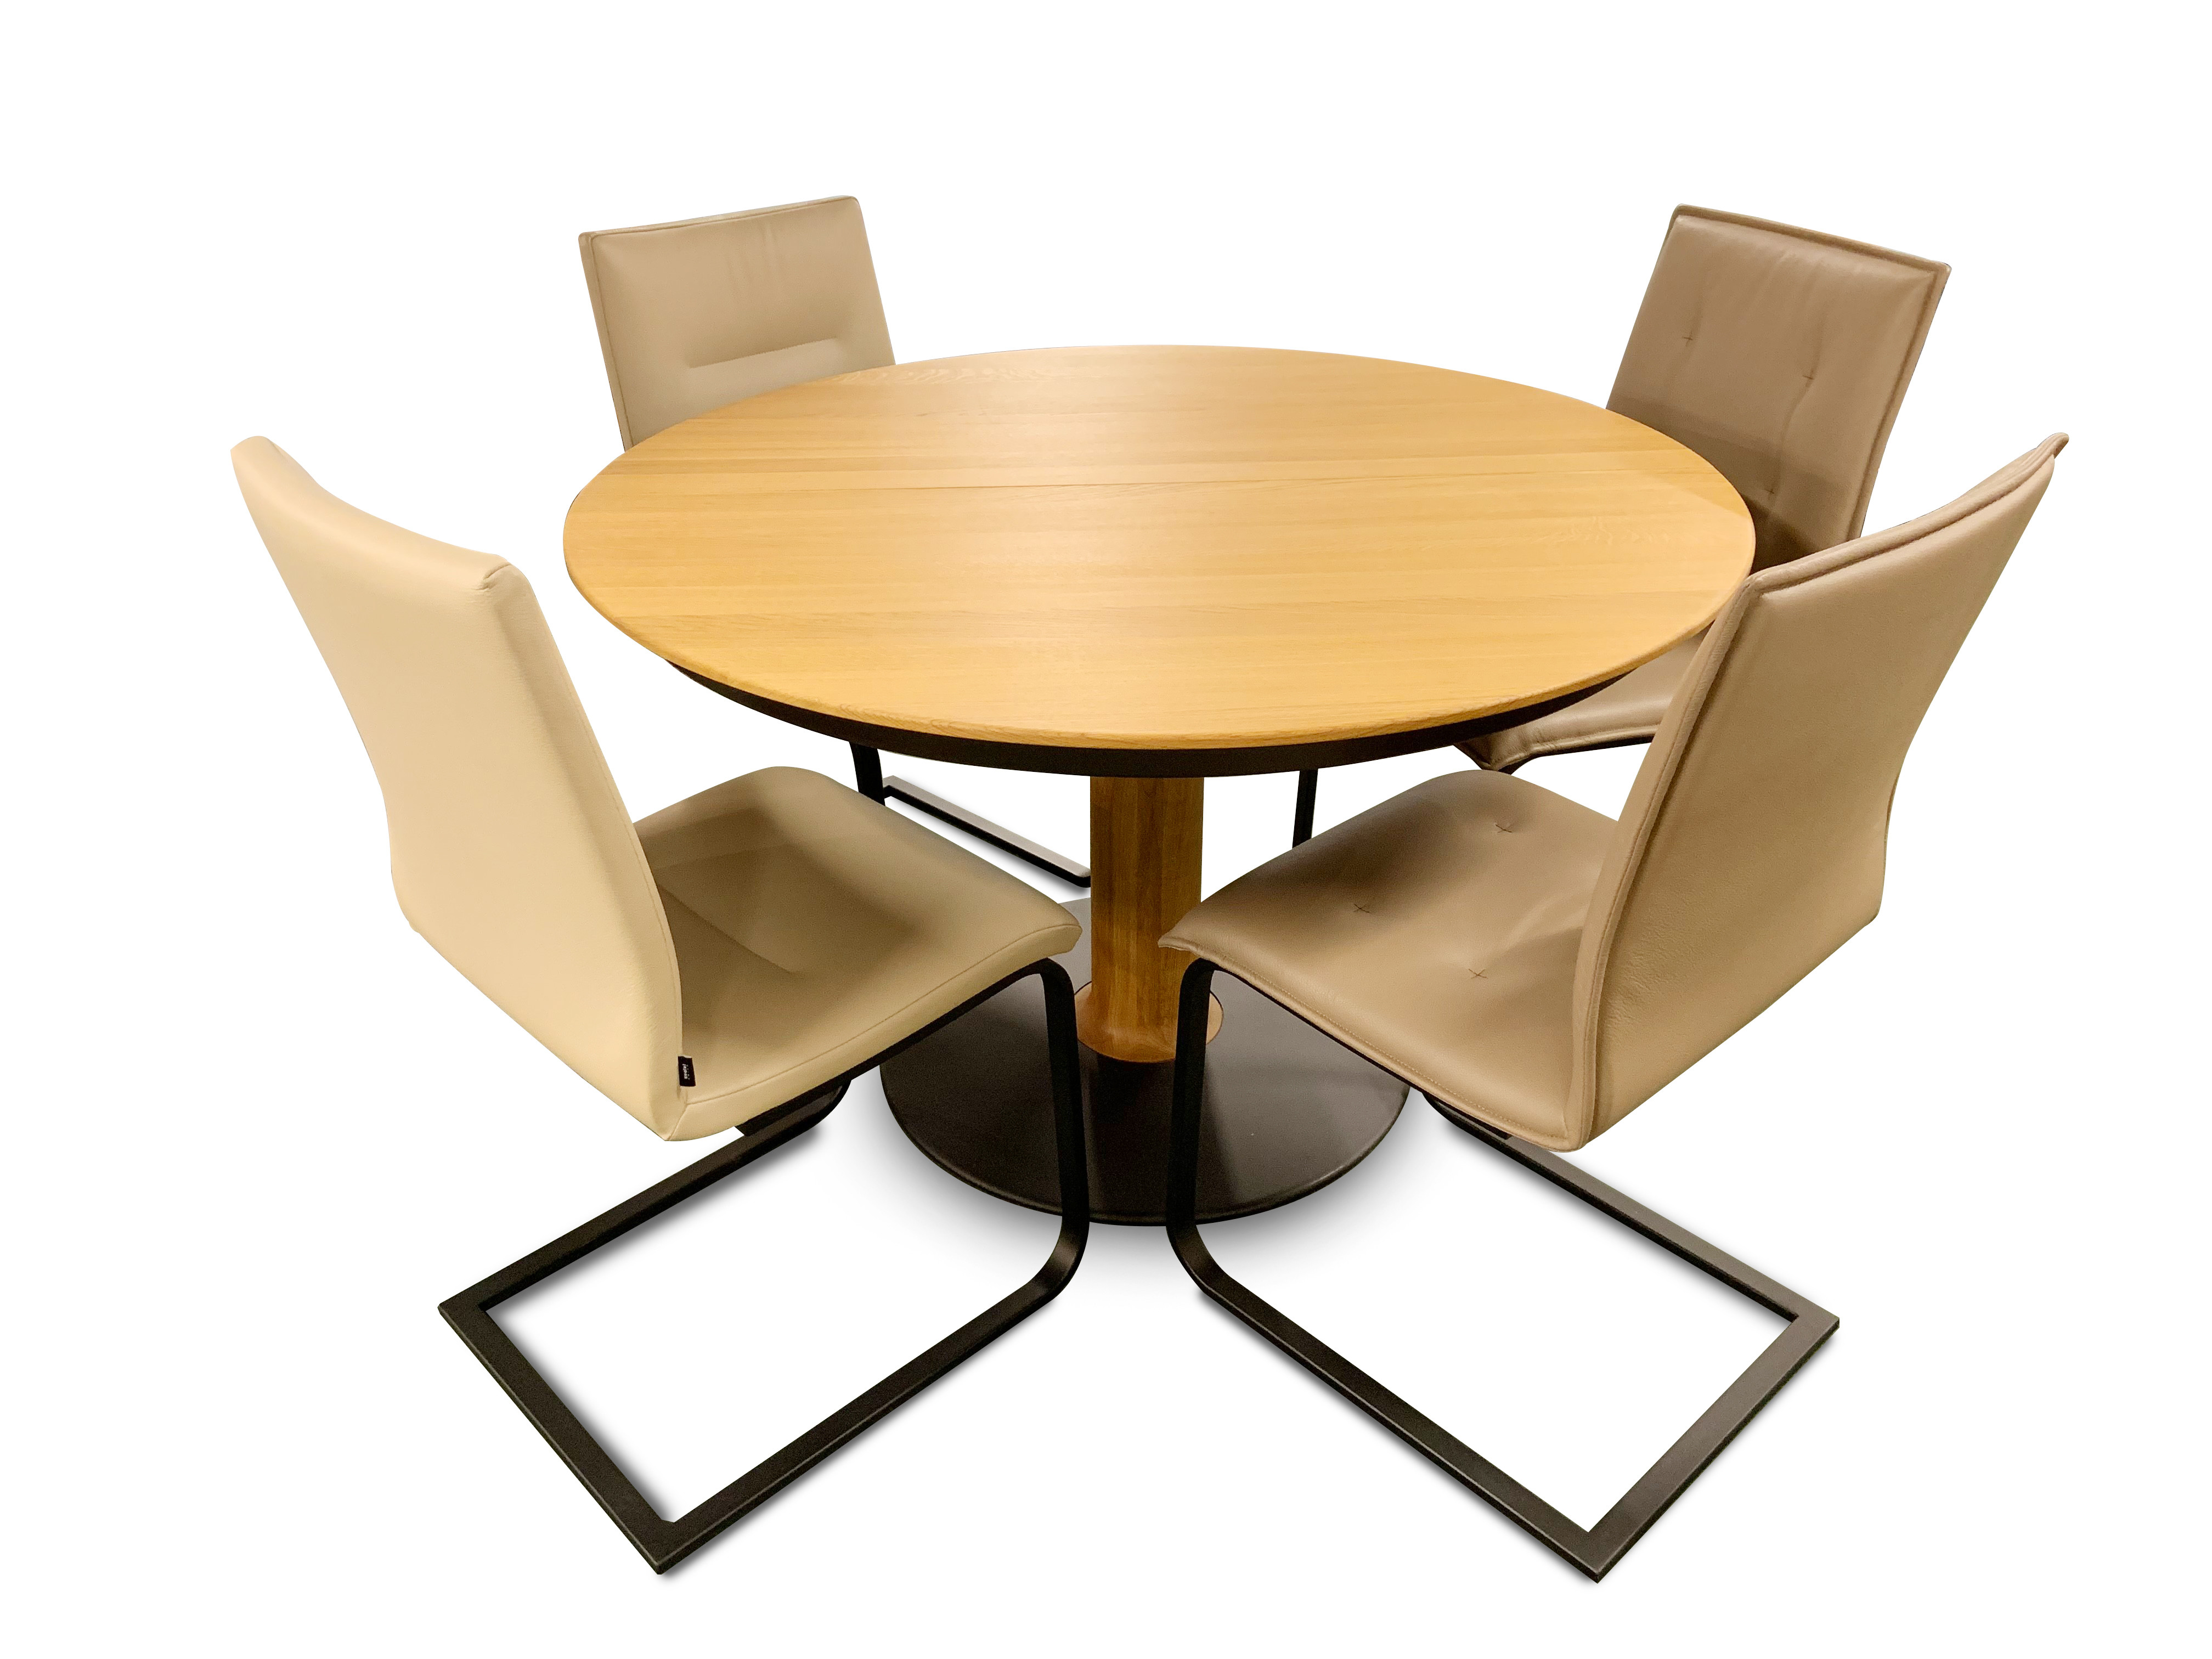 Auszugstisch Rota 120 (120 x 180) cm, 2 & 2 Stühle 07